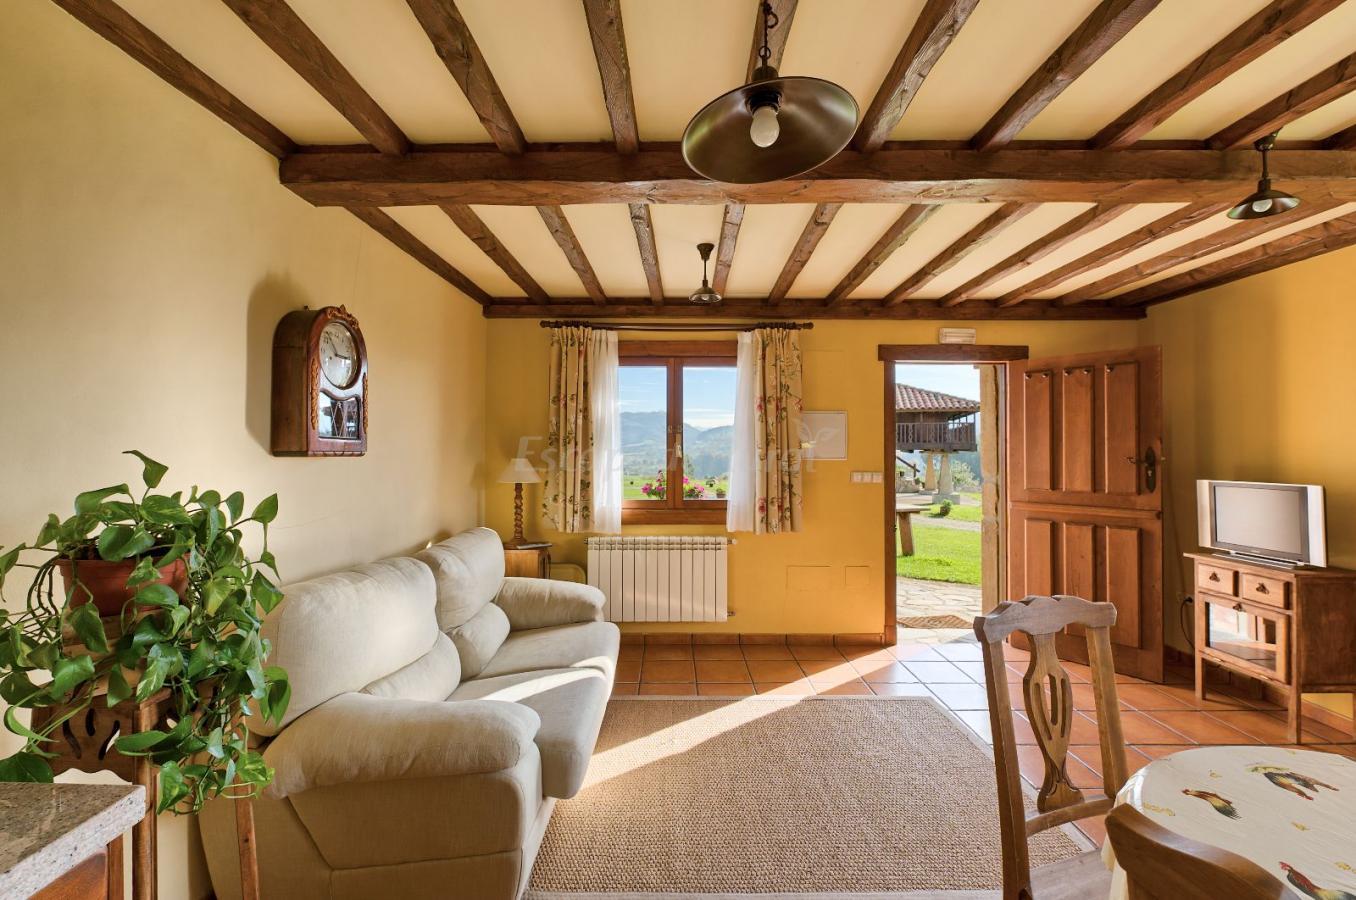 Fotos de apartamentos rurales el mirador de cazanes casa rural en villaviciosa asturias - Apartamentos baratos asturias ...